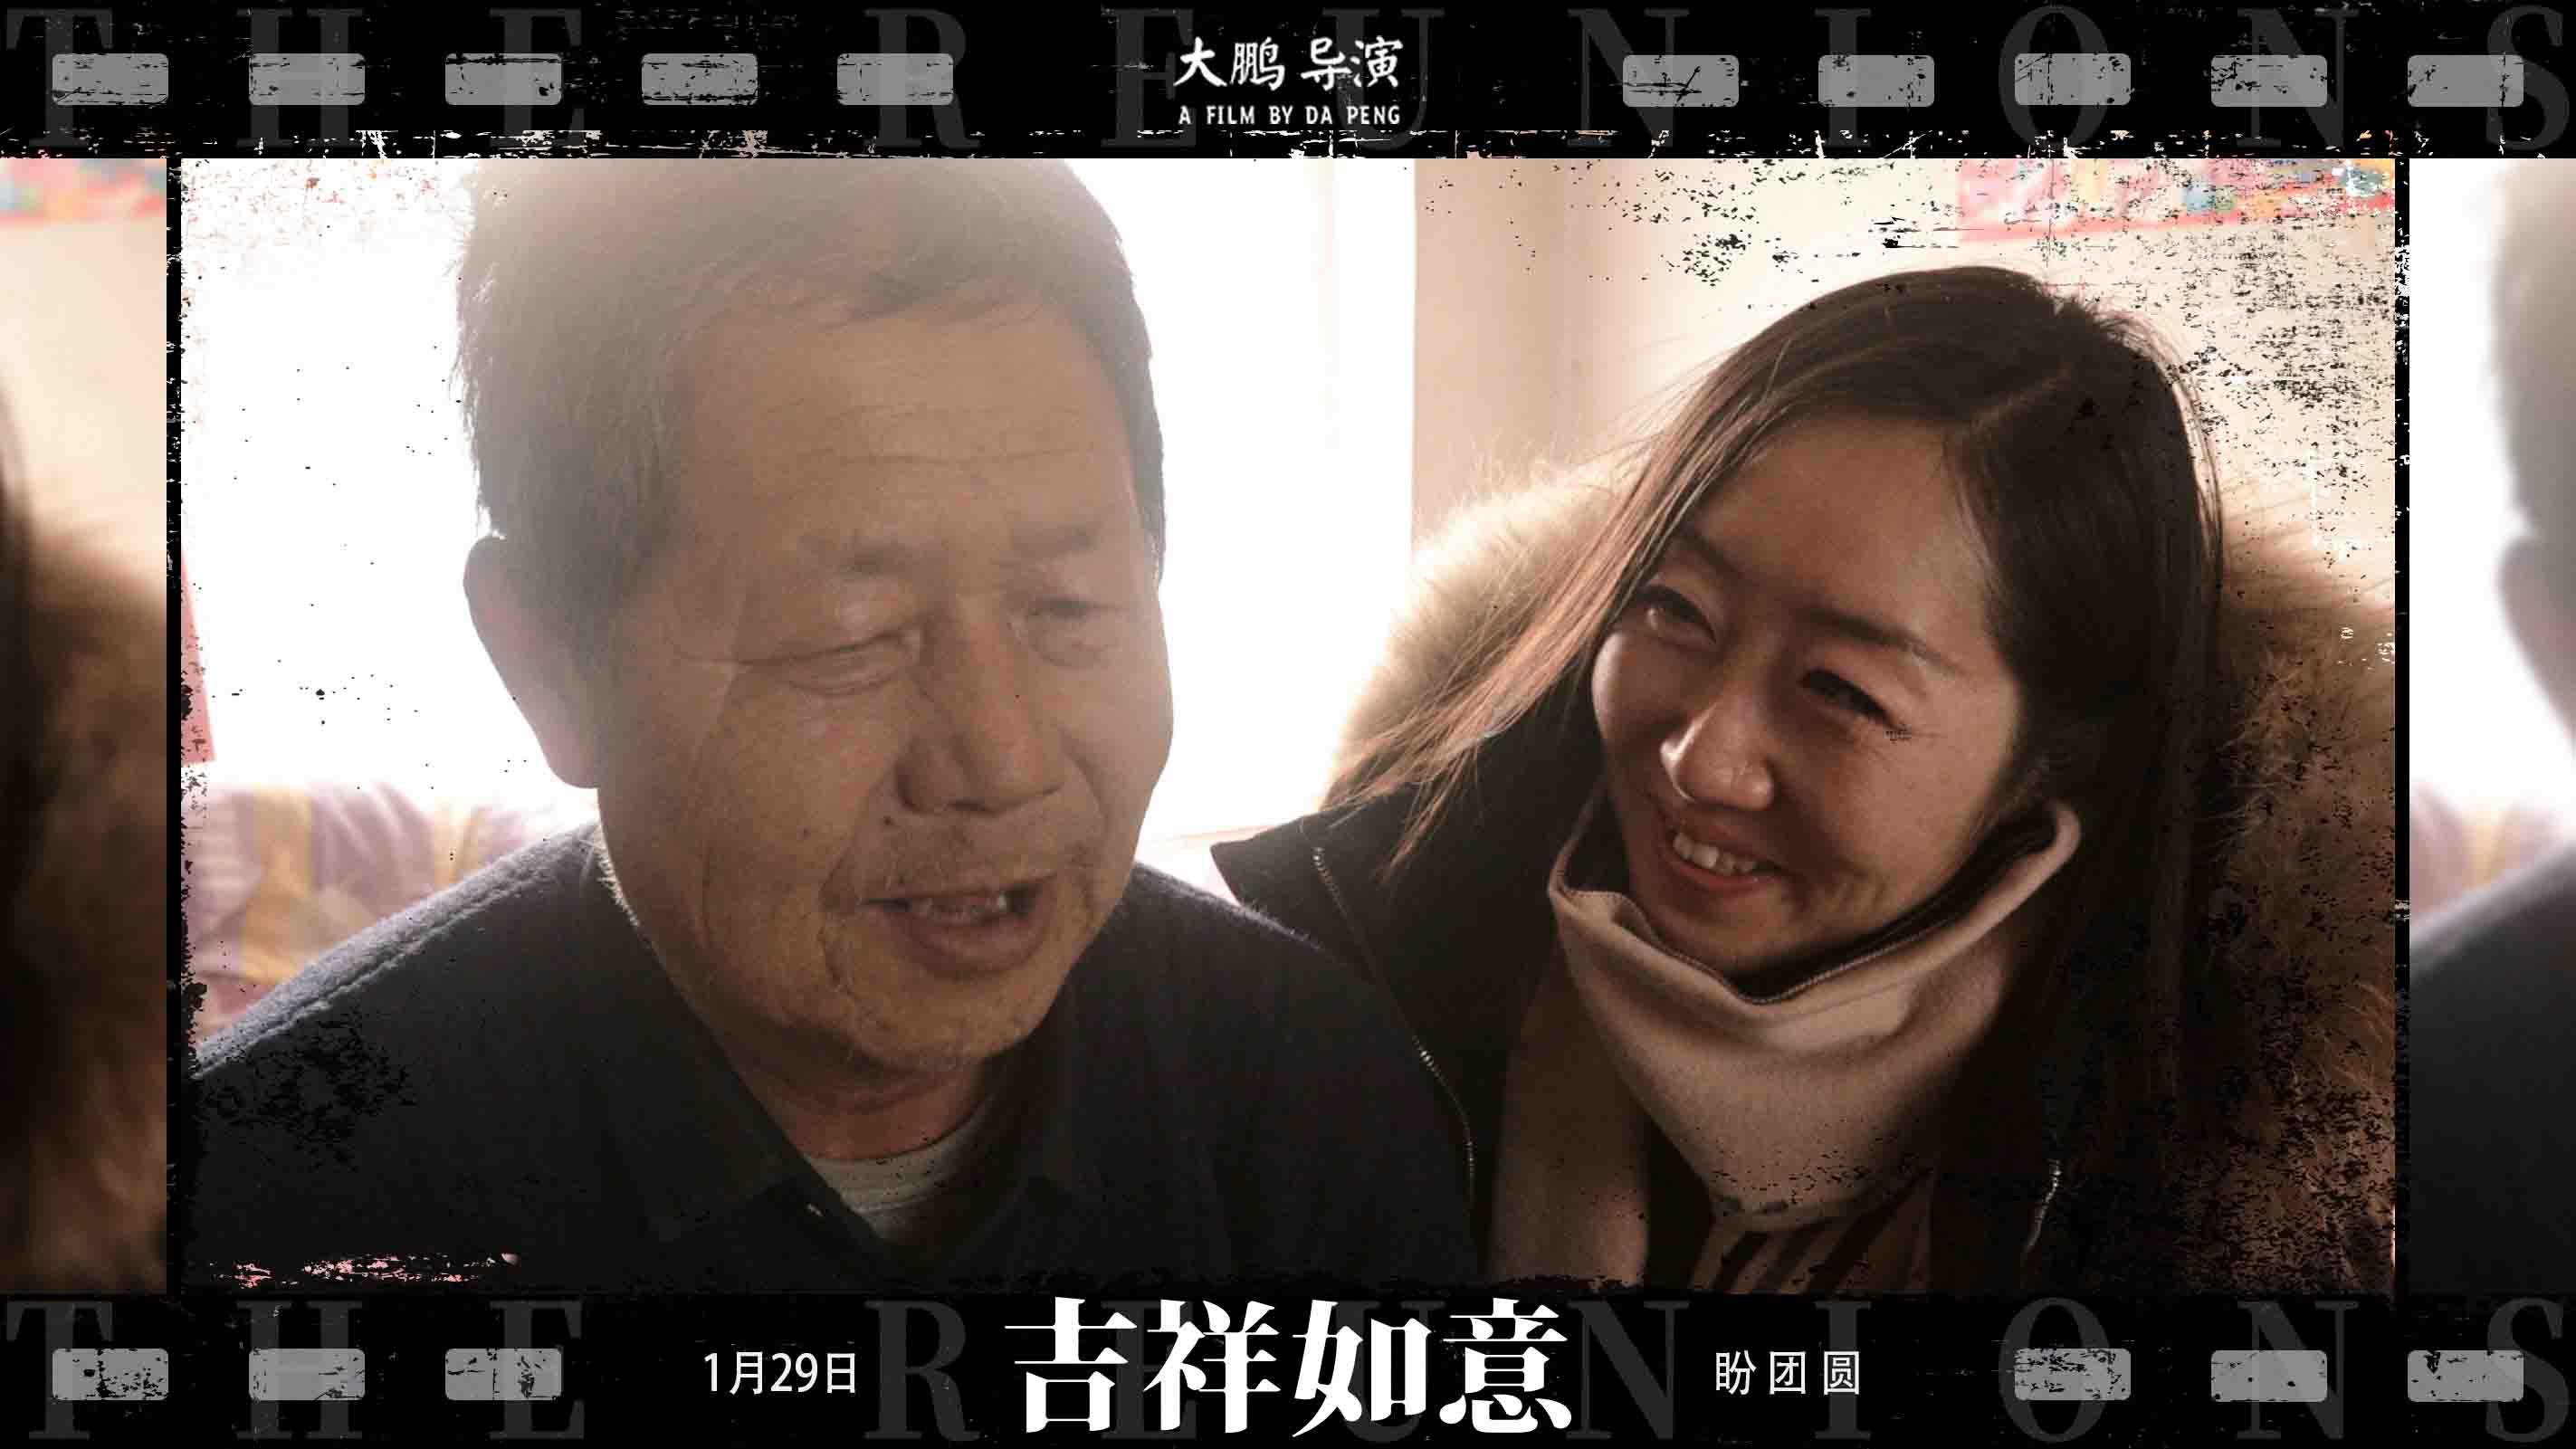 大鹏导演《吉祥如意》发布父女版剧照  1月29日十年未见父女重逢